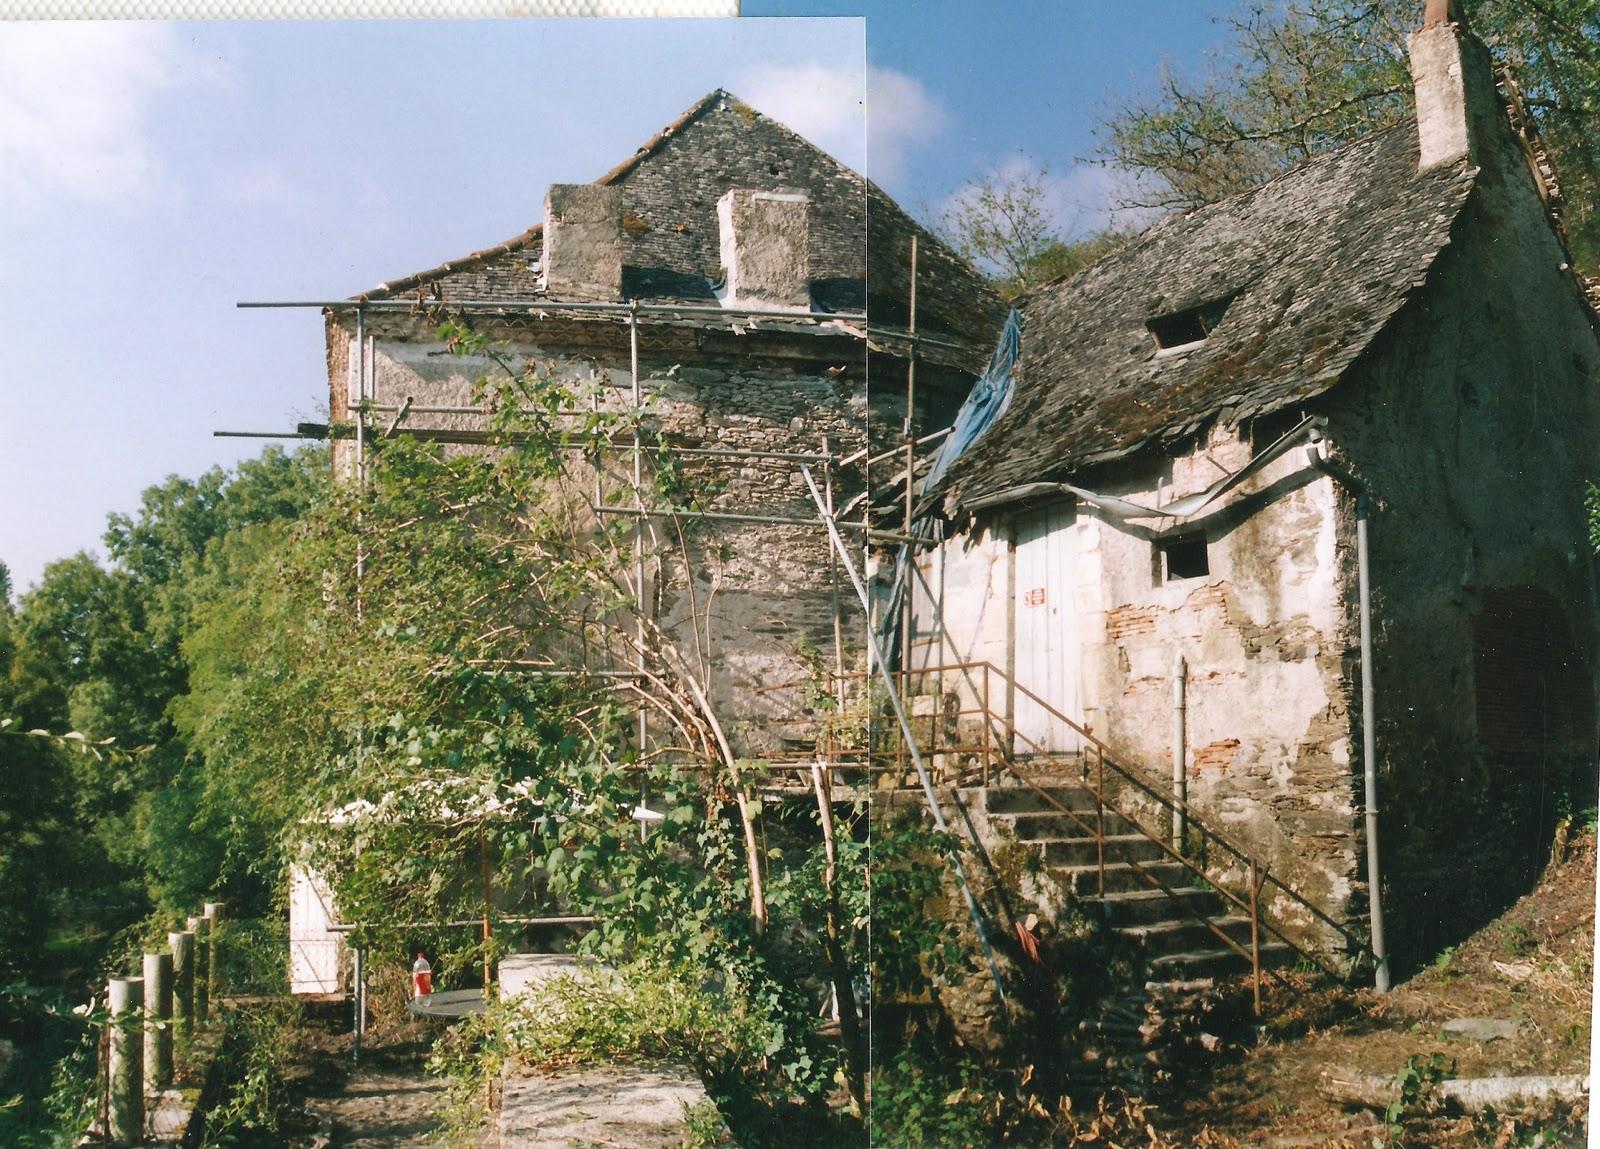 Droom huis in de dordogne: het kleine huisje de metamorfose